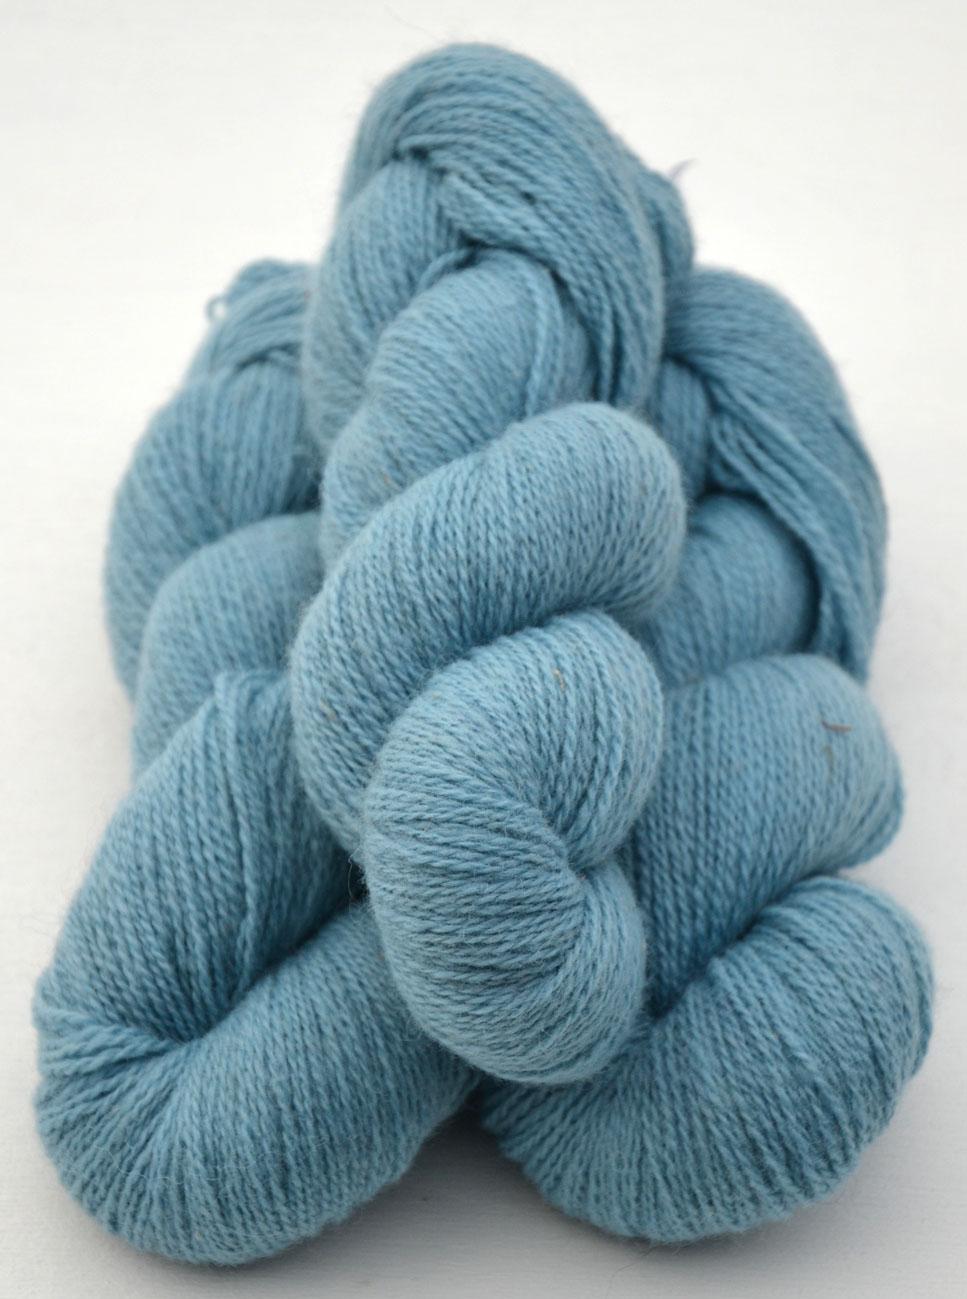 Ullcentrum 6/2-4131 Blautürkis auf weißer Wolle Bluish Turquoise on white Wool turkos på vit